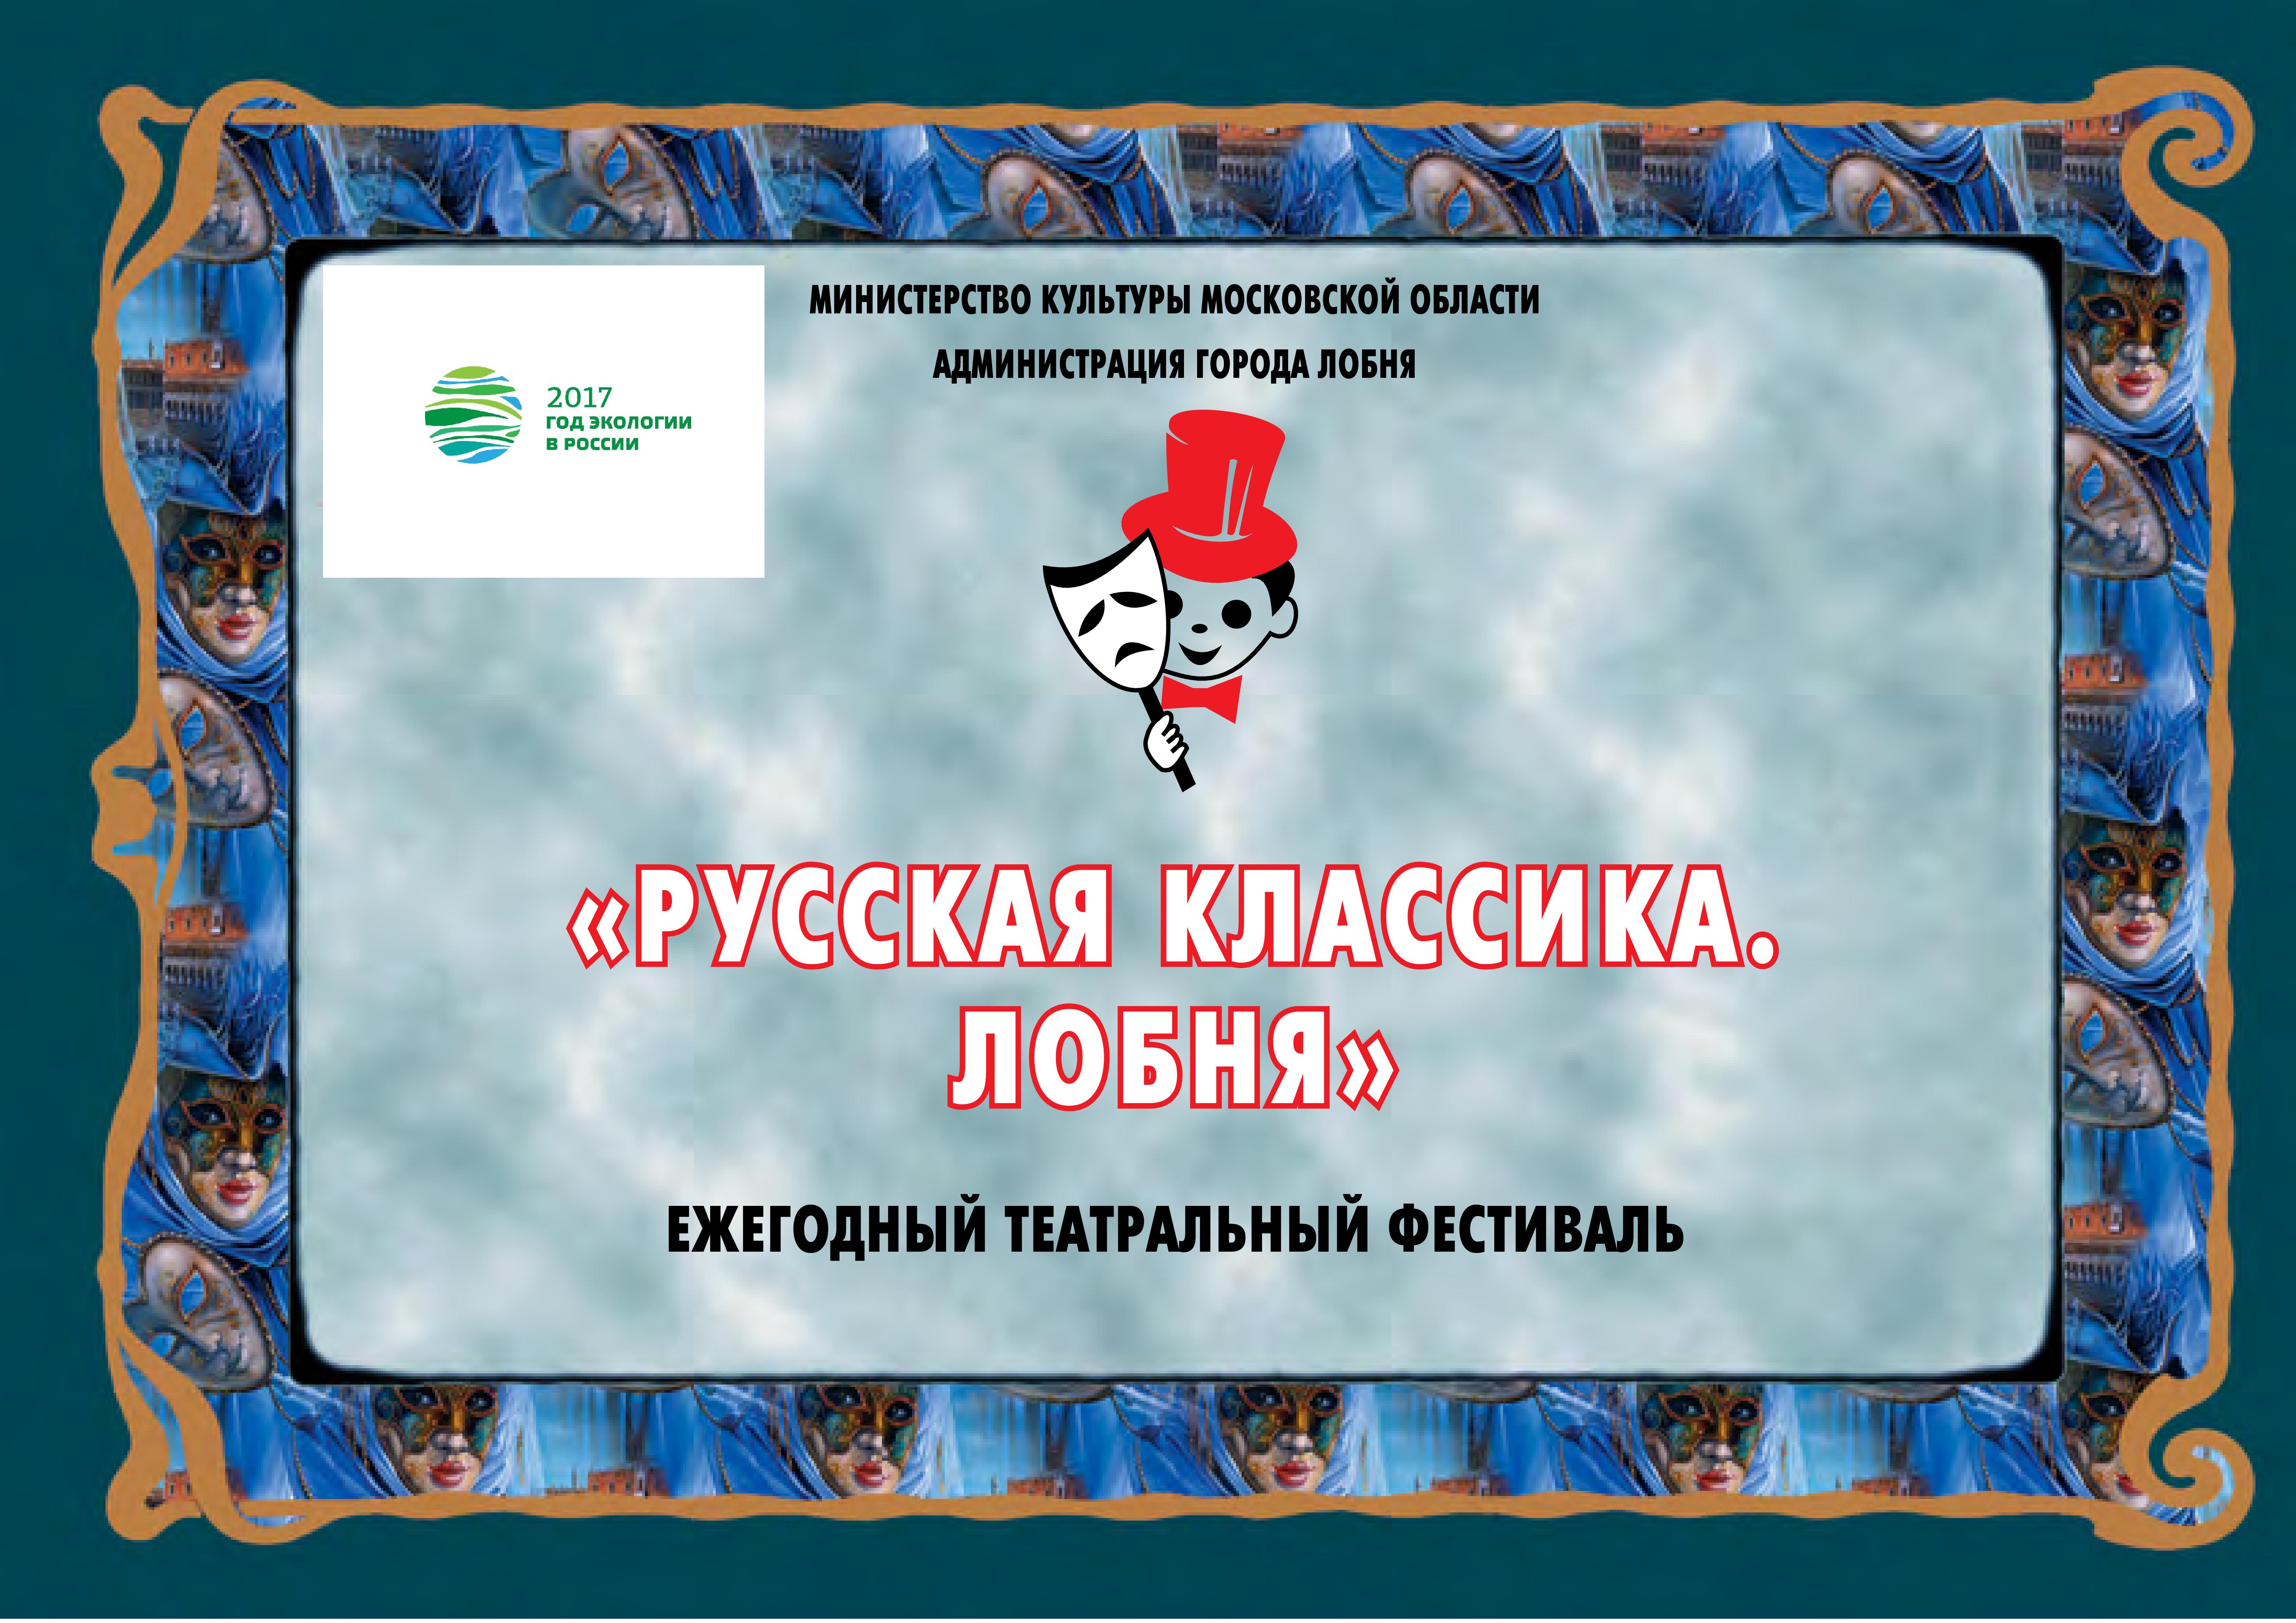 Ежегодный театральный фестиваль